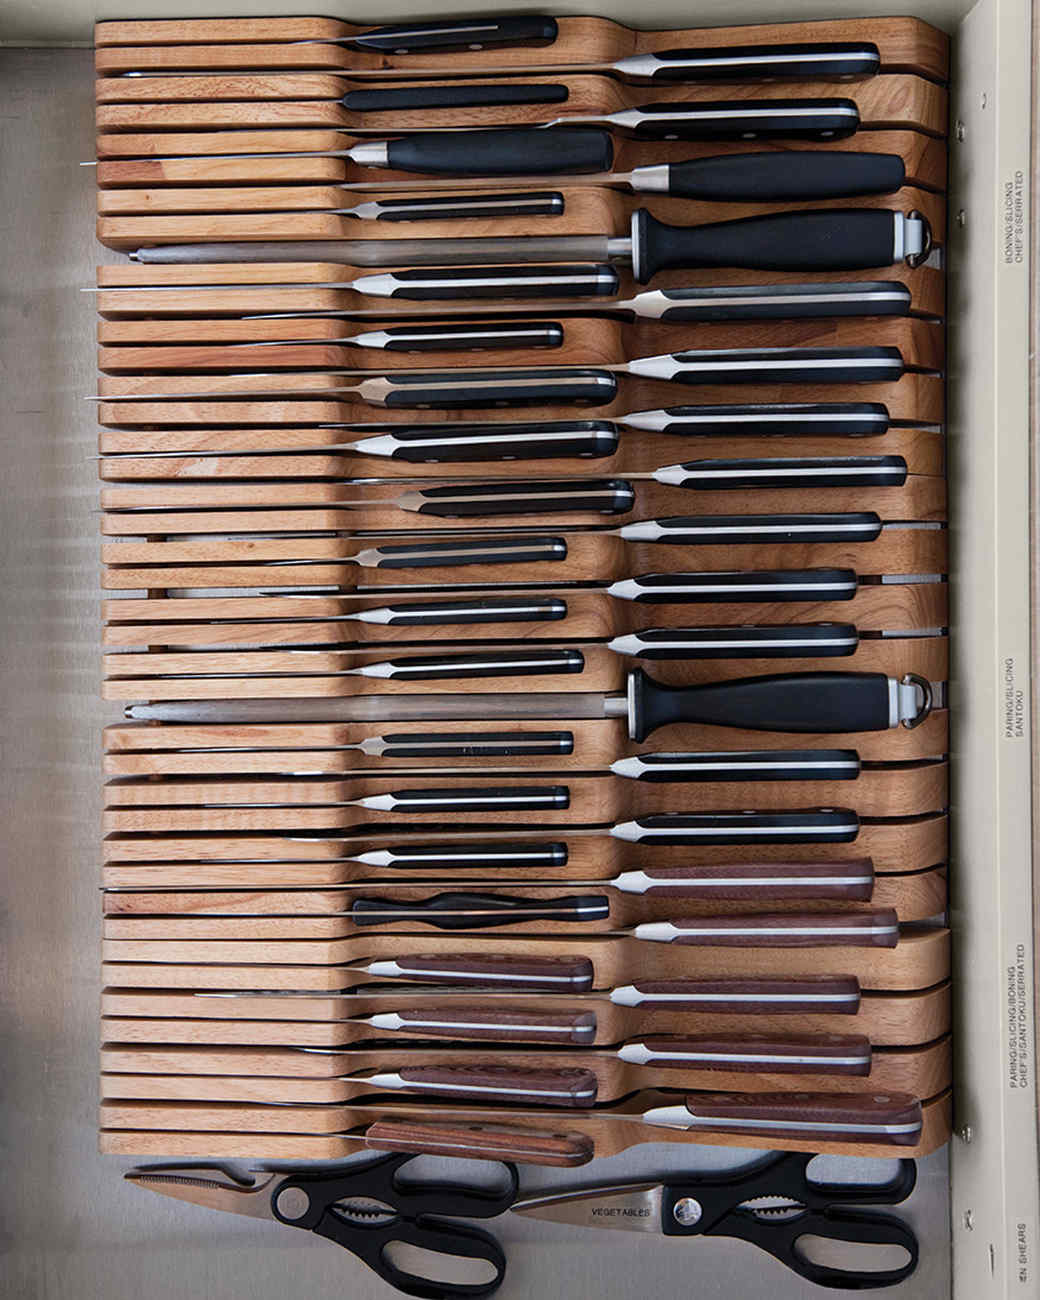 md106031_0910_knives_0074.jpg